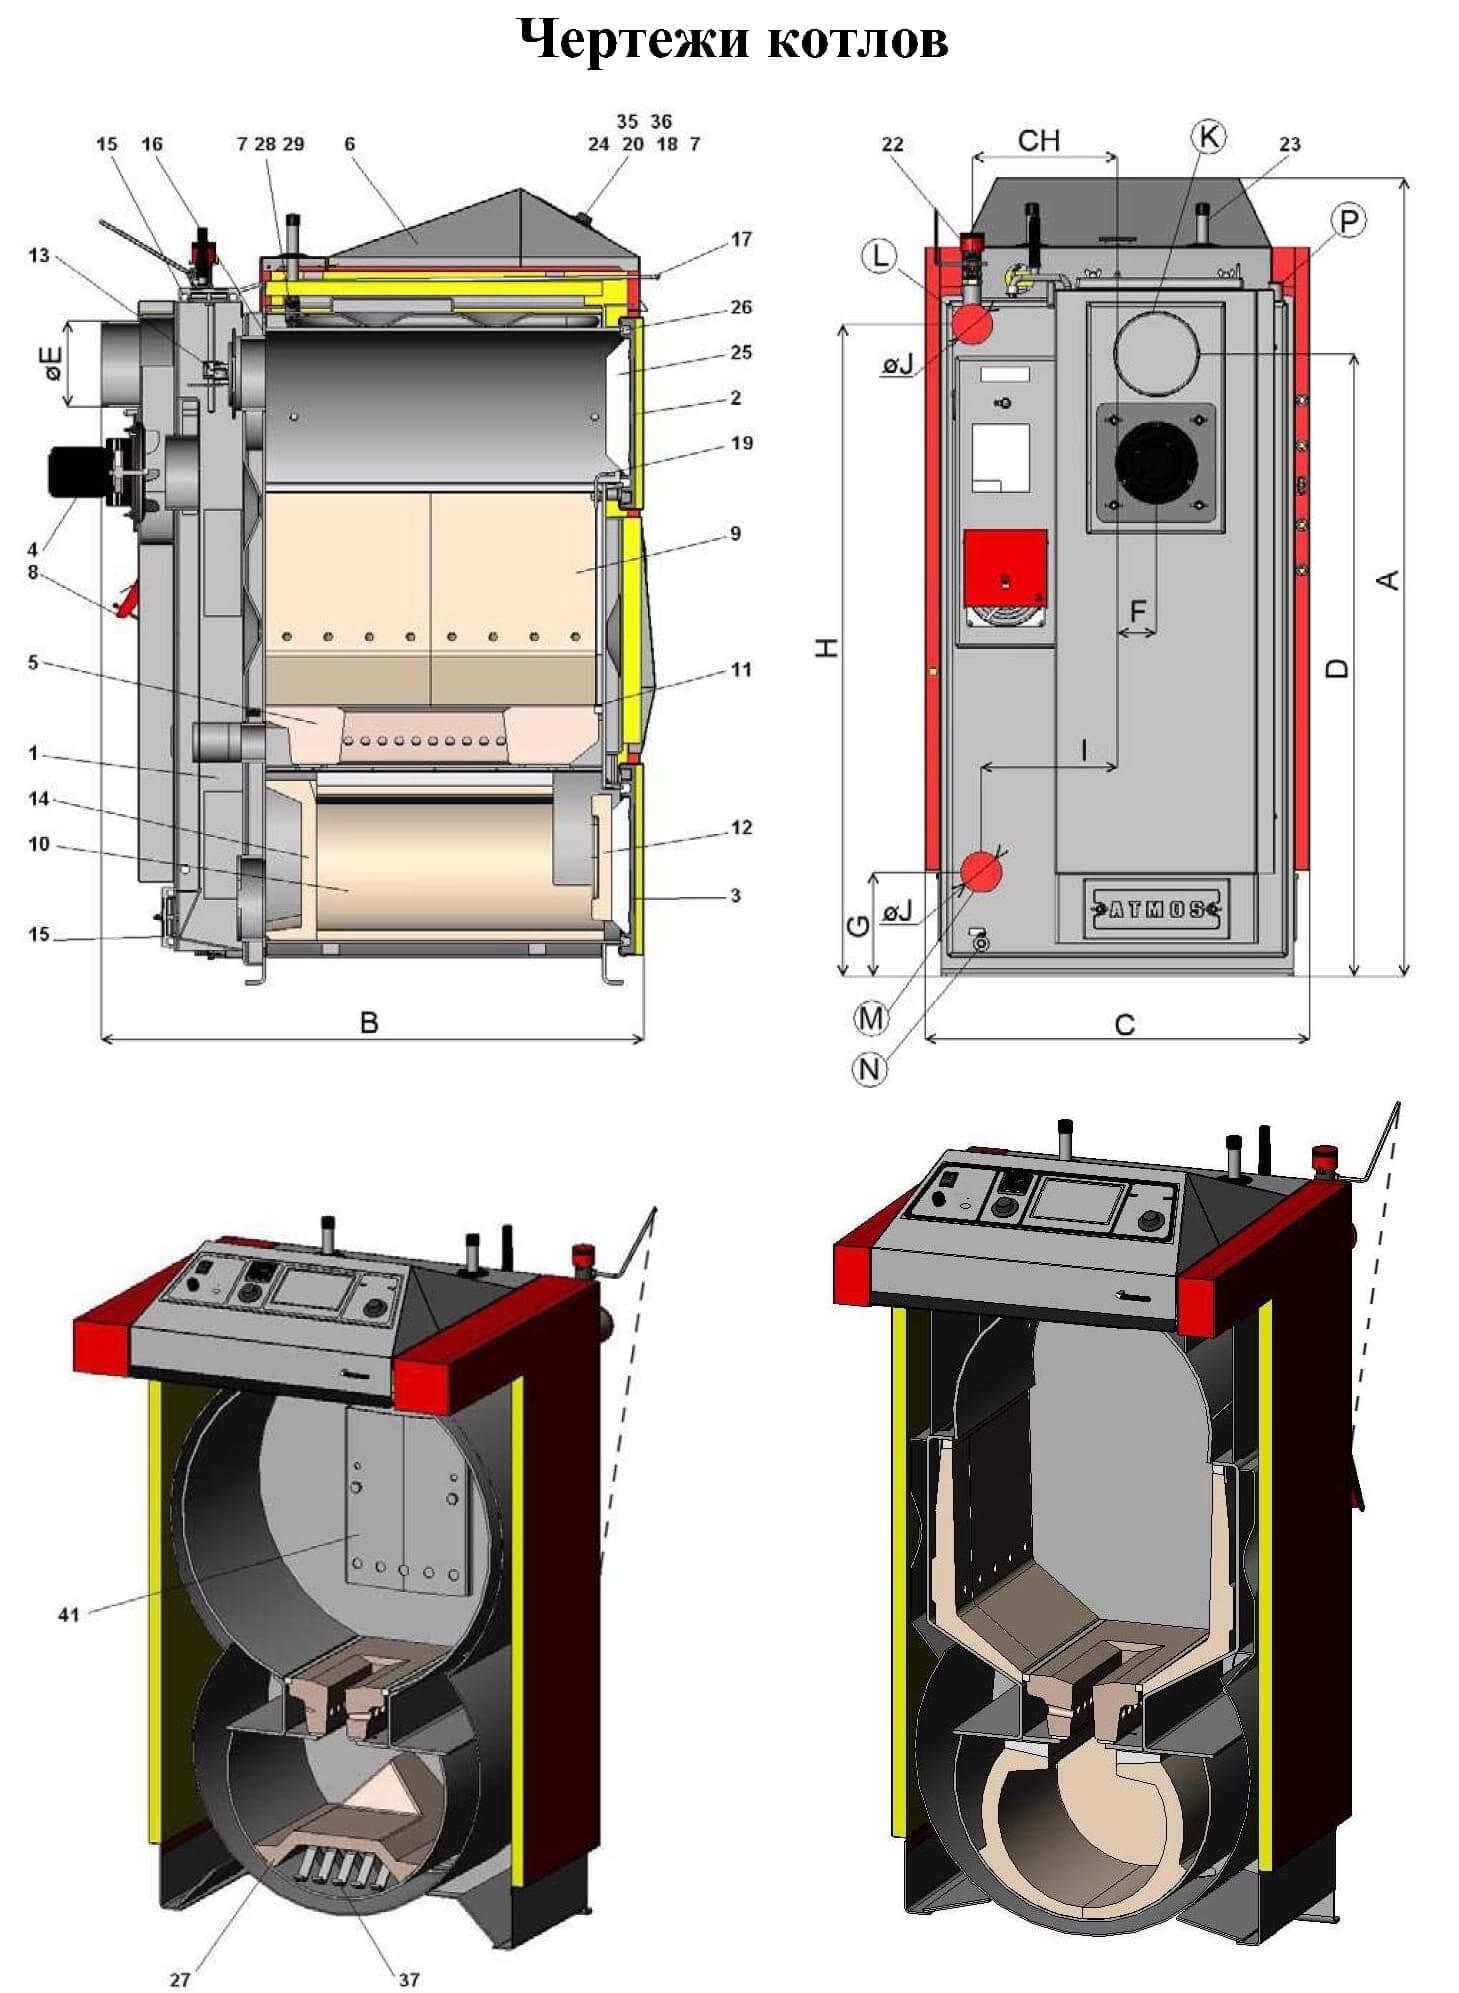 Пиролизные котлы длительного горения: обзор моделей, характеристики, цены